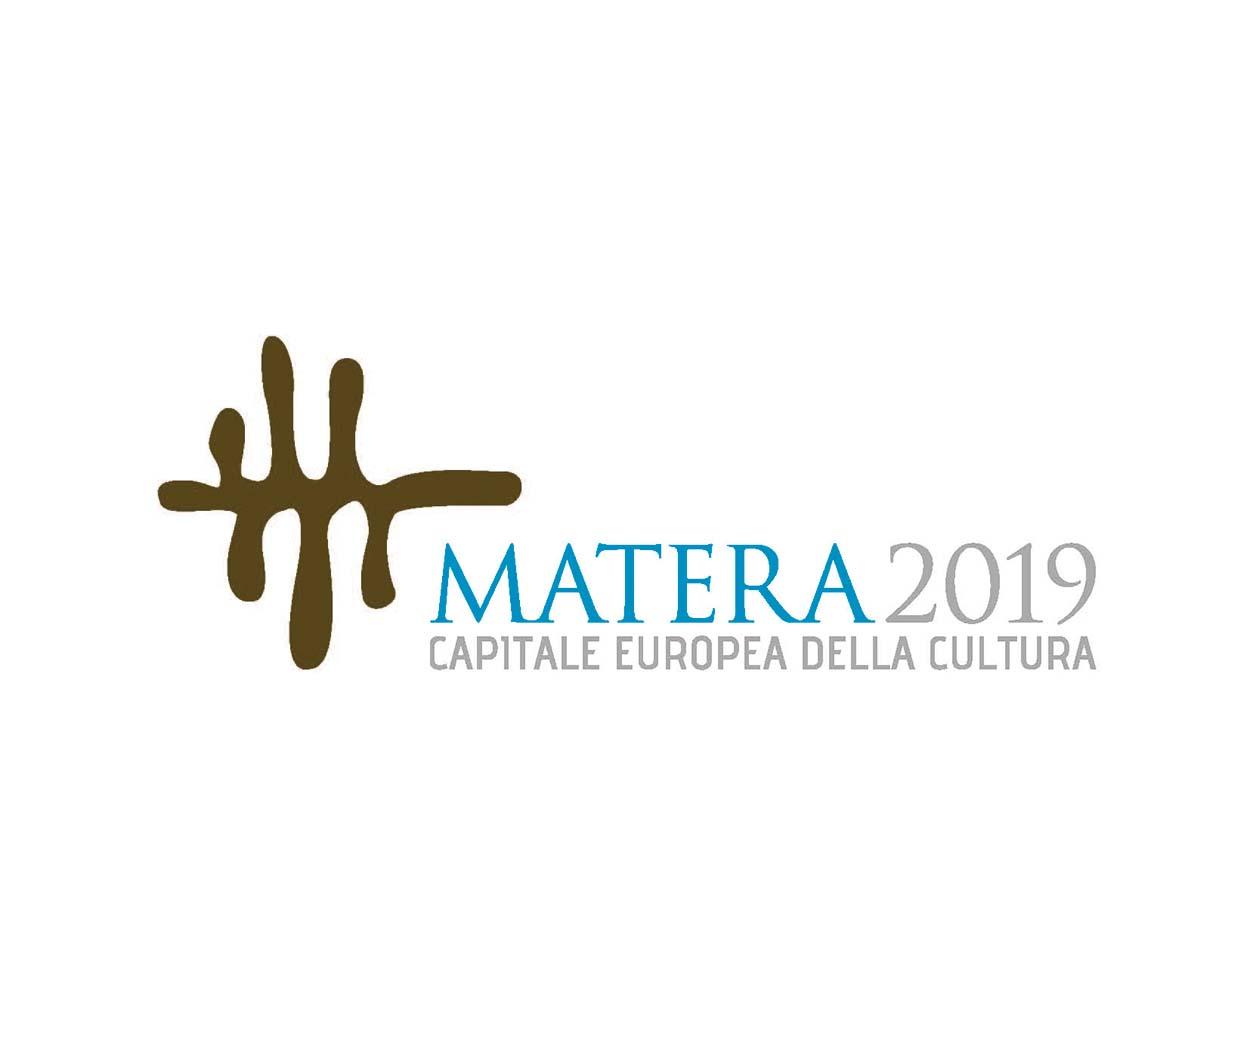 Logo_Matera2019